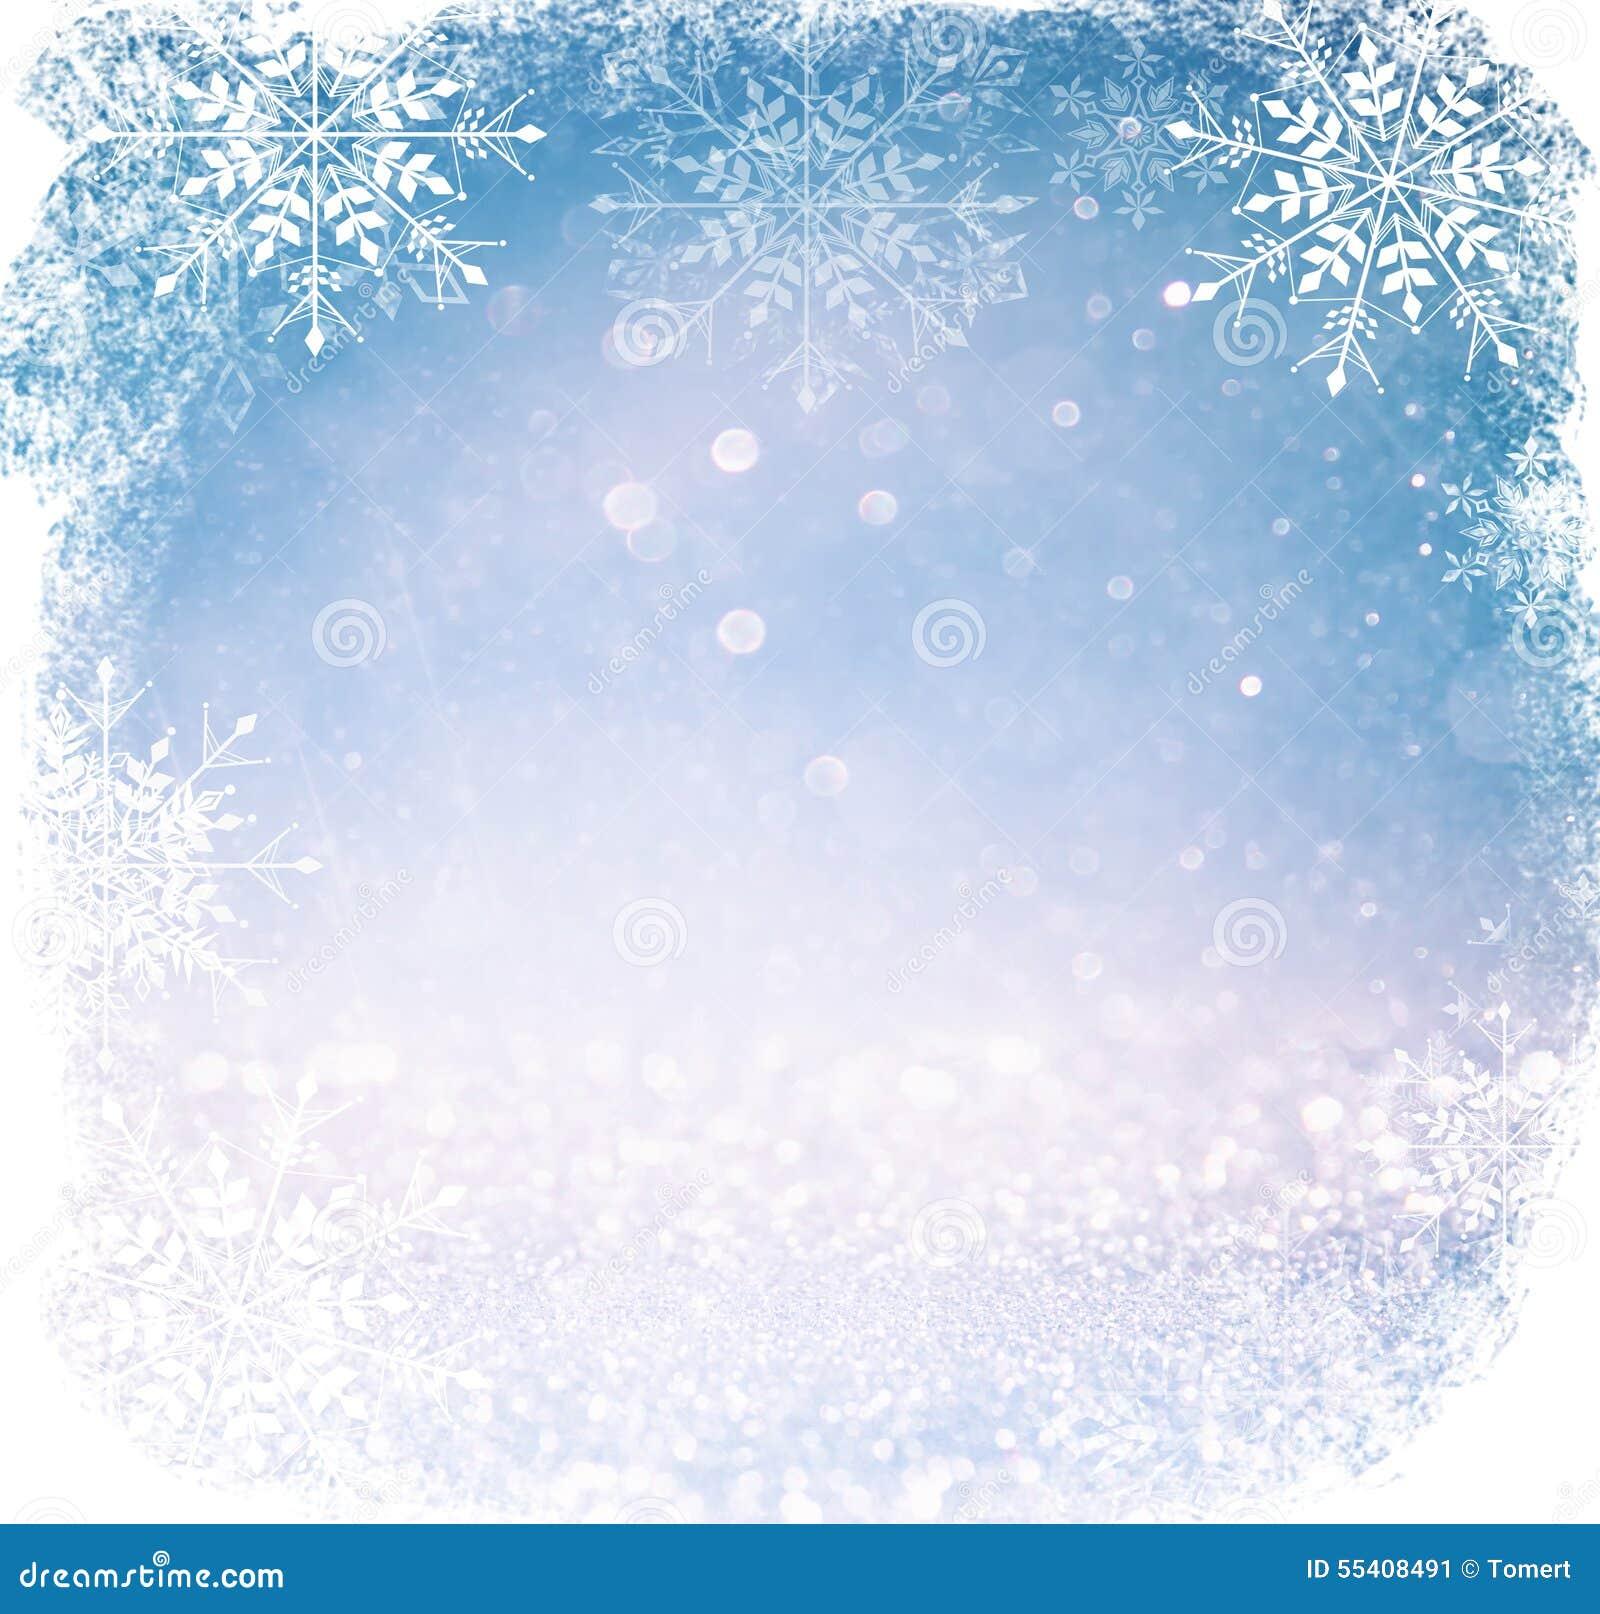 Белые и серебряные абстрактные света bokeh defocused предпосылка с верхним слоем снежинки